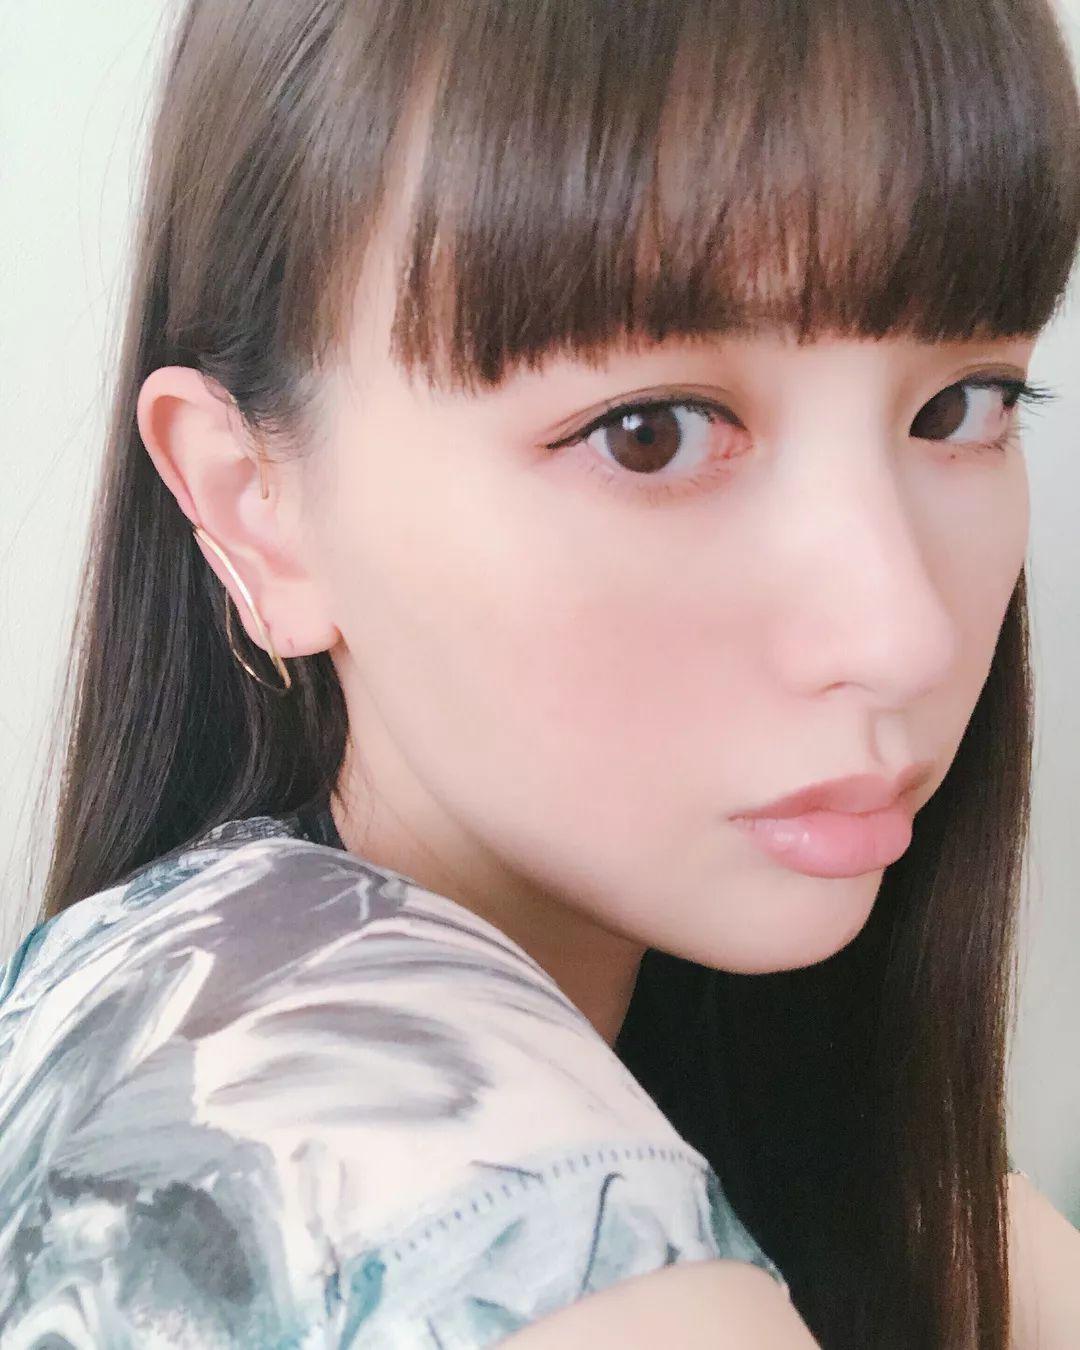 |14岁流行的中国女生闯荡日本姑娘圈,竟成2016出道时尚发型齐肩图片